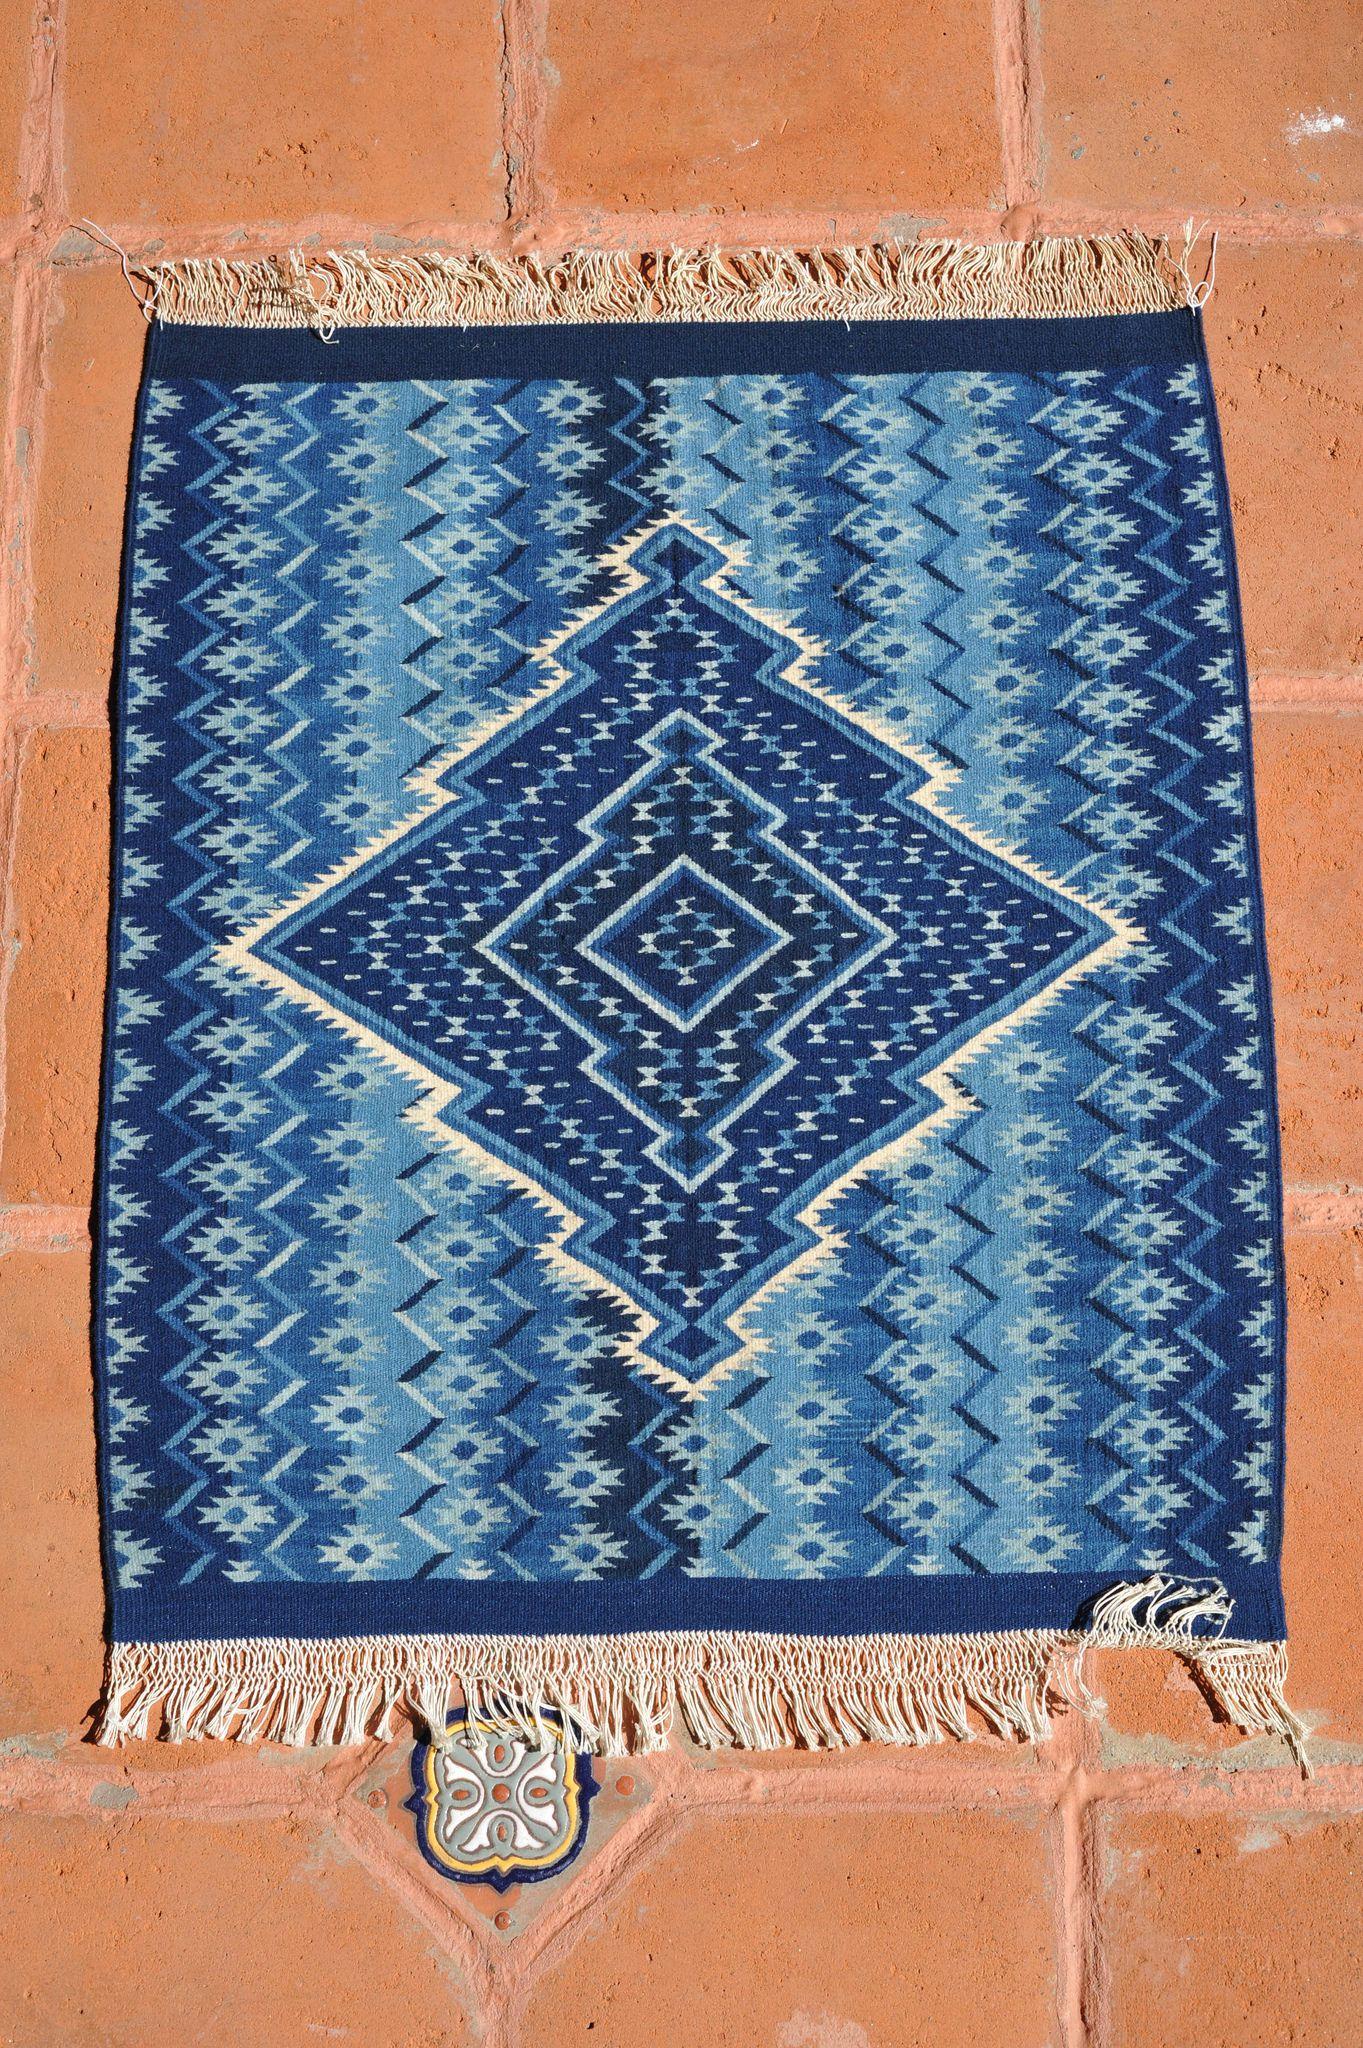 Https://flic.kr/p/tyB7yJ | Oaxaca Zapotec Rug Weaving